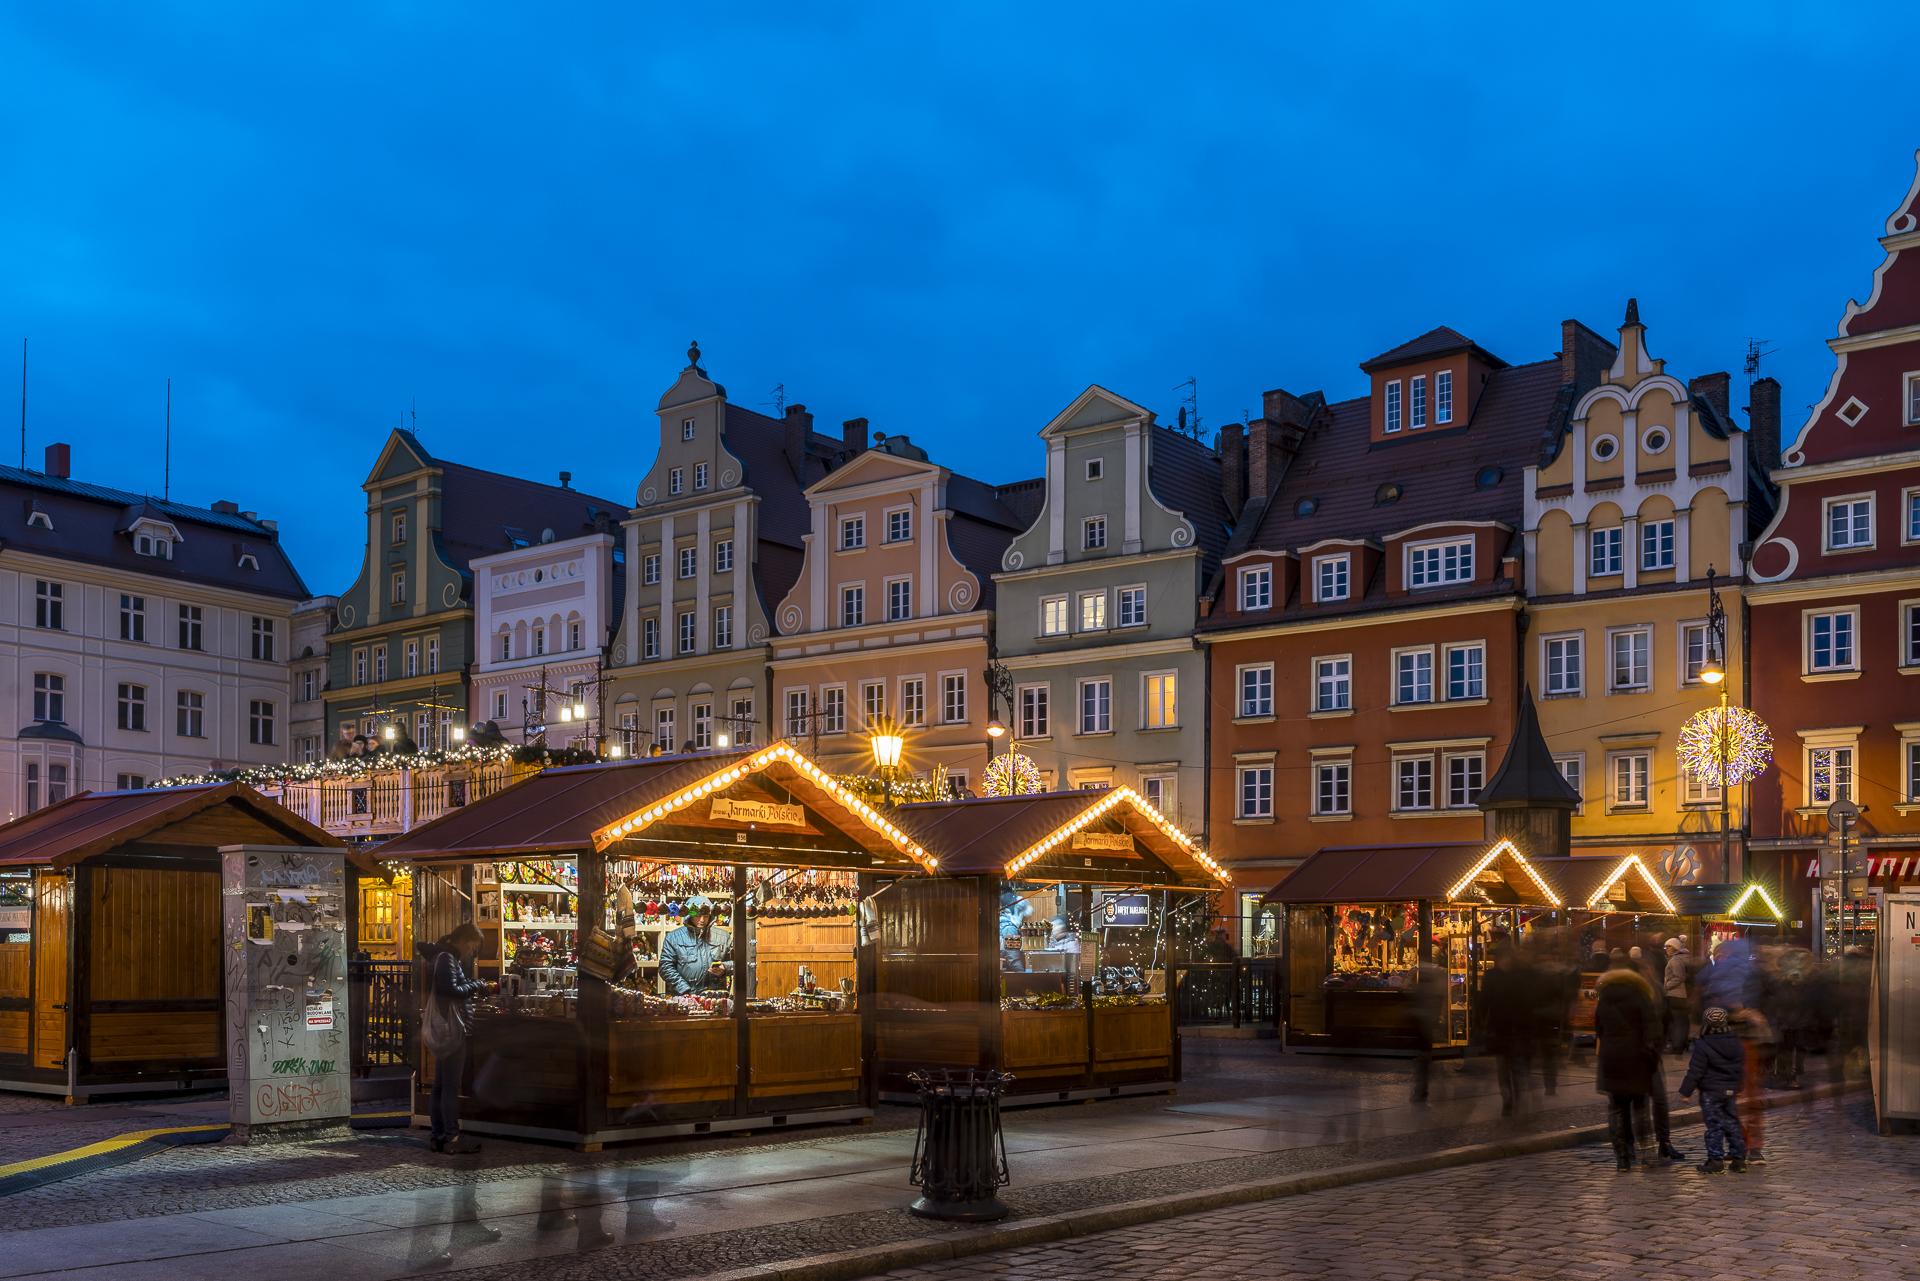 Wroclaw Weihnachtsmarkt Stadtzentrum